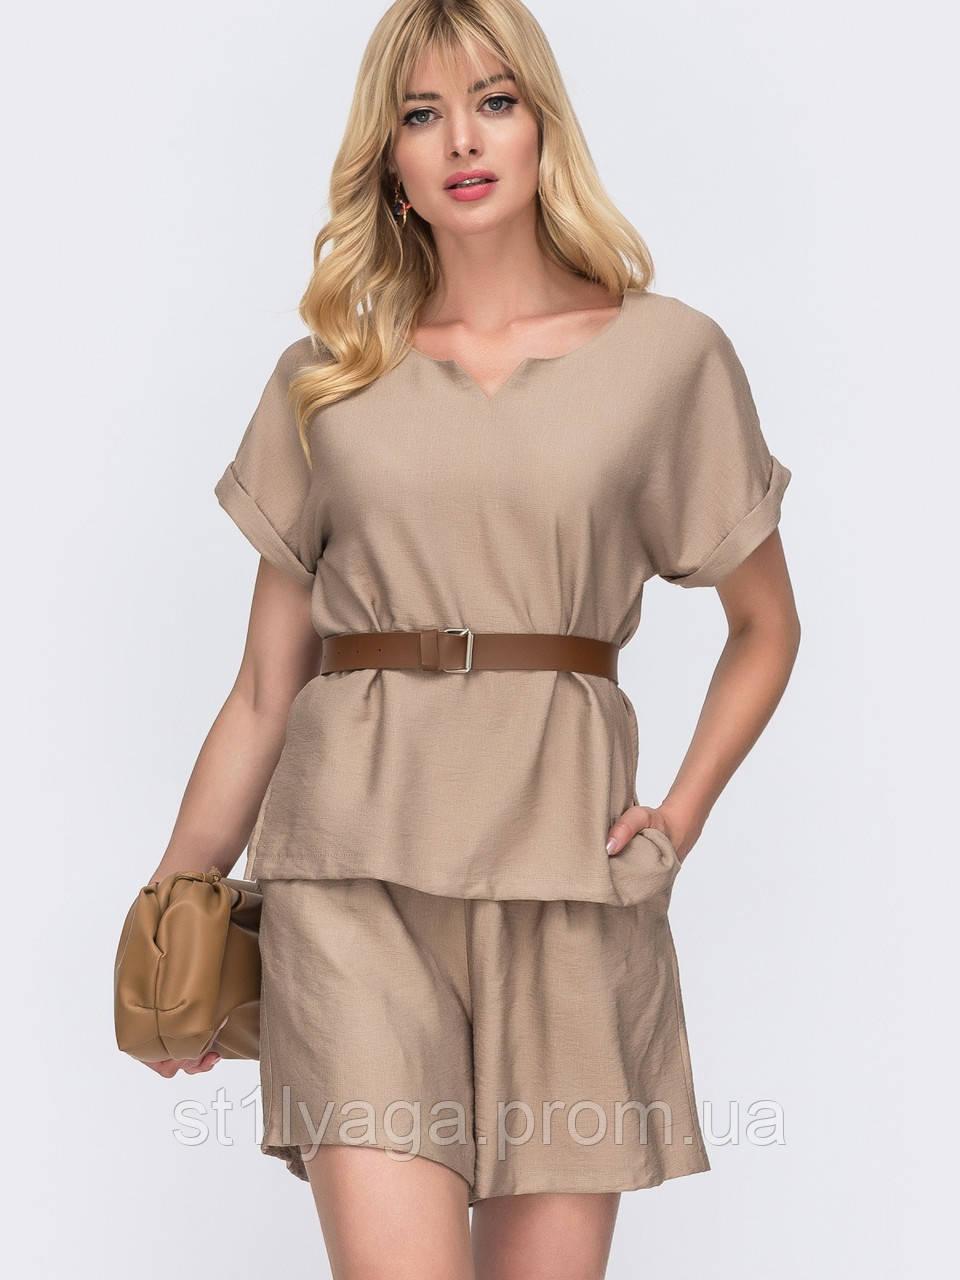 Однотонный комплект свободная блузка и шорты ЛЕТО